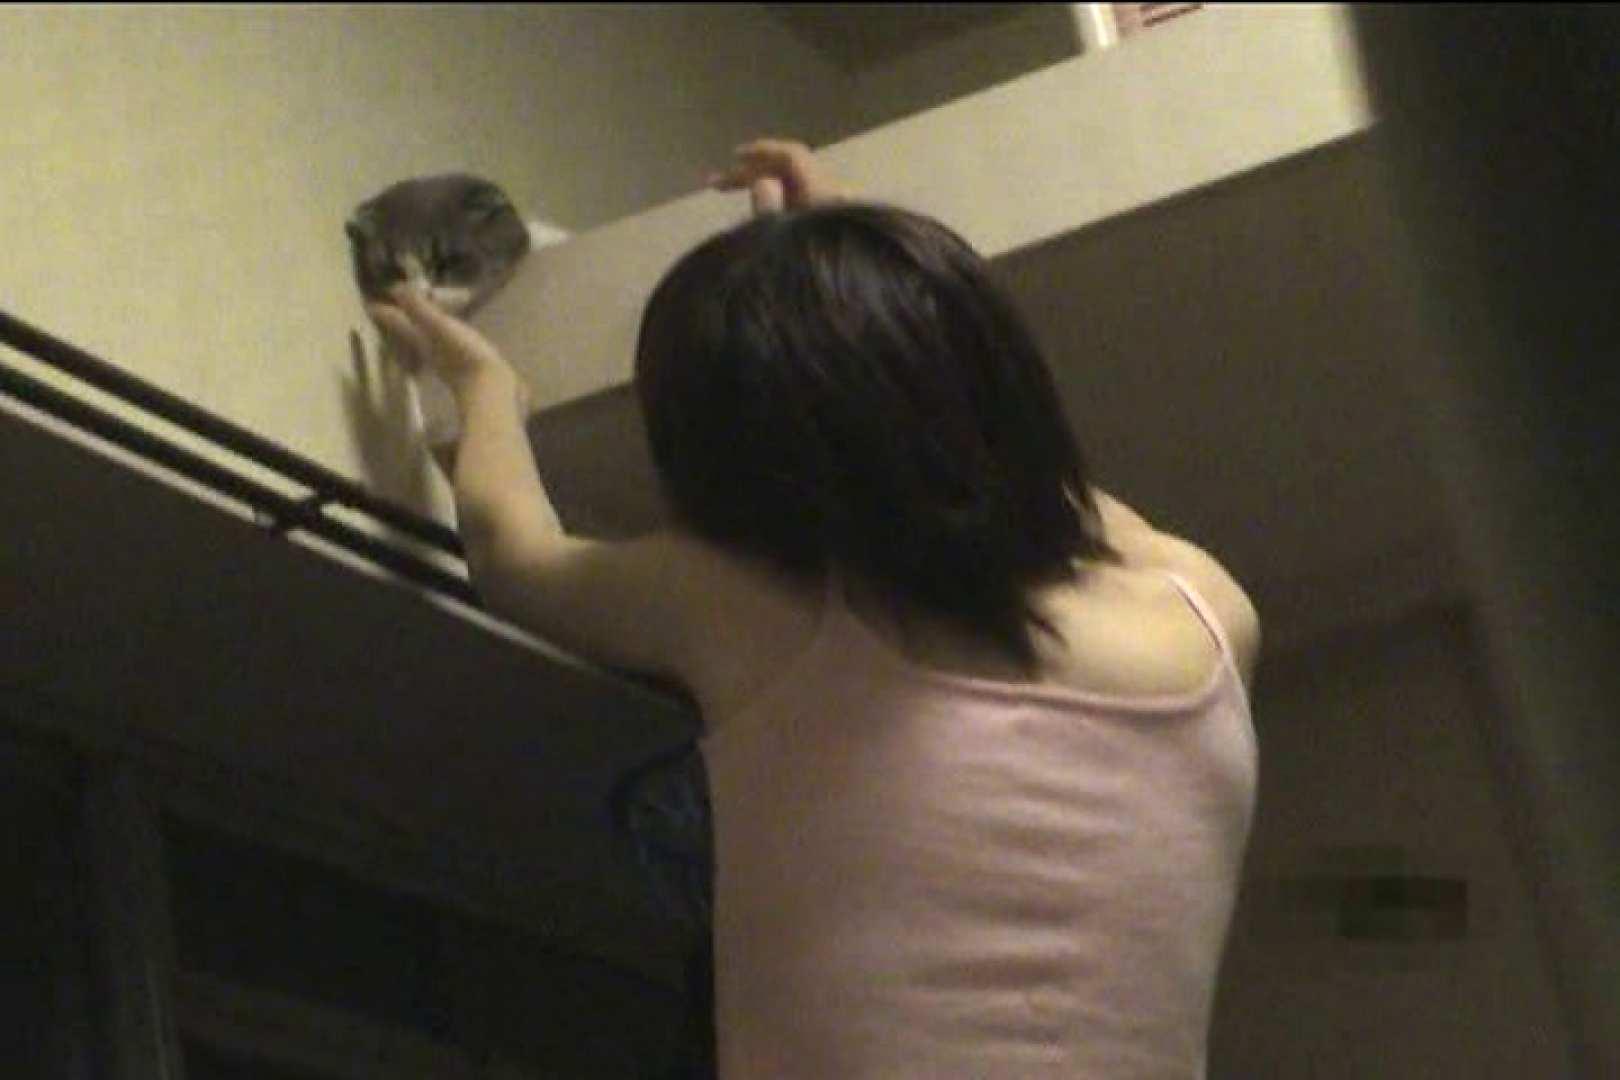 民家自慰マニアVol.2 オナニーする女性たち 盗撮動画紹介 81画像 43